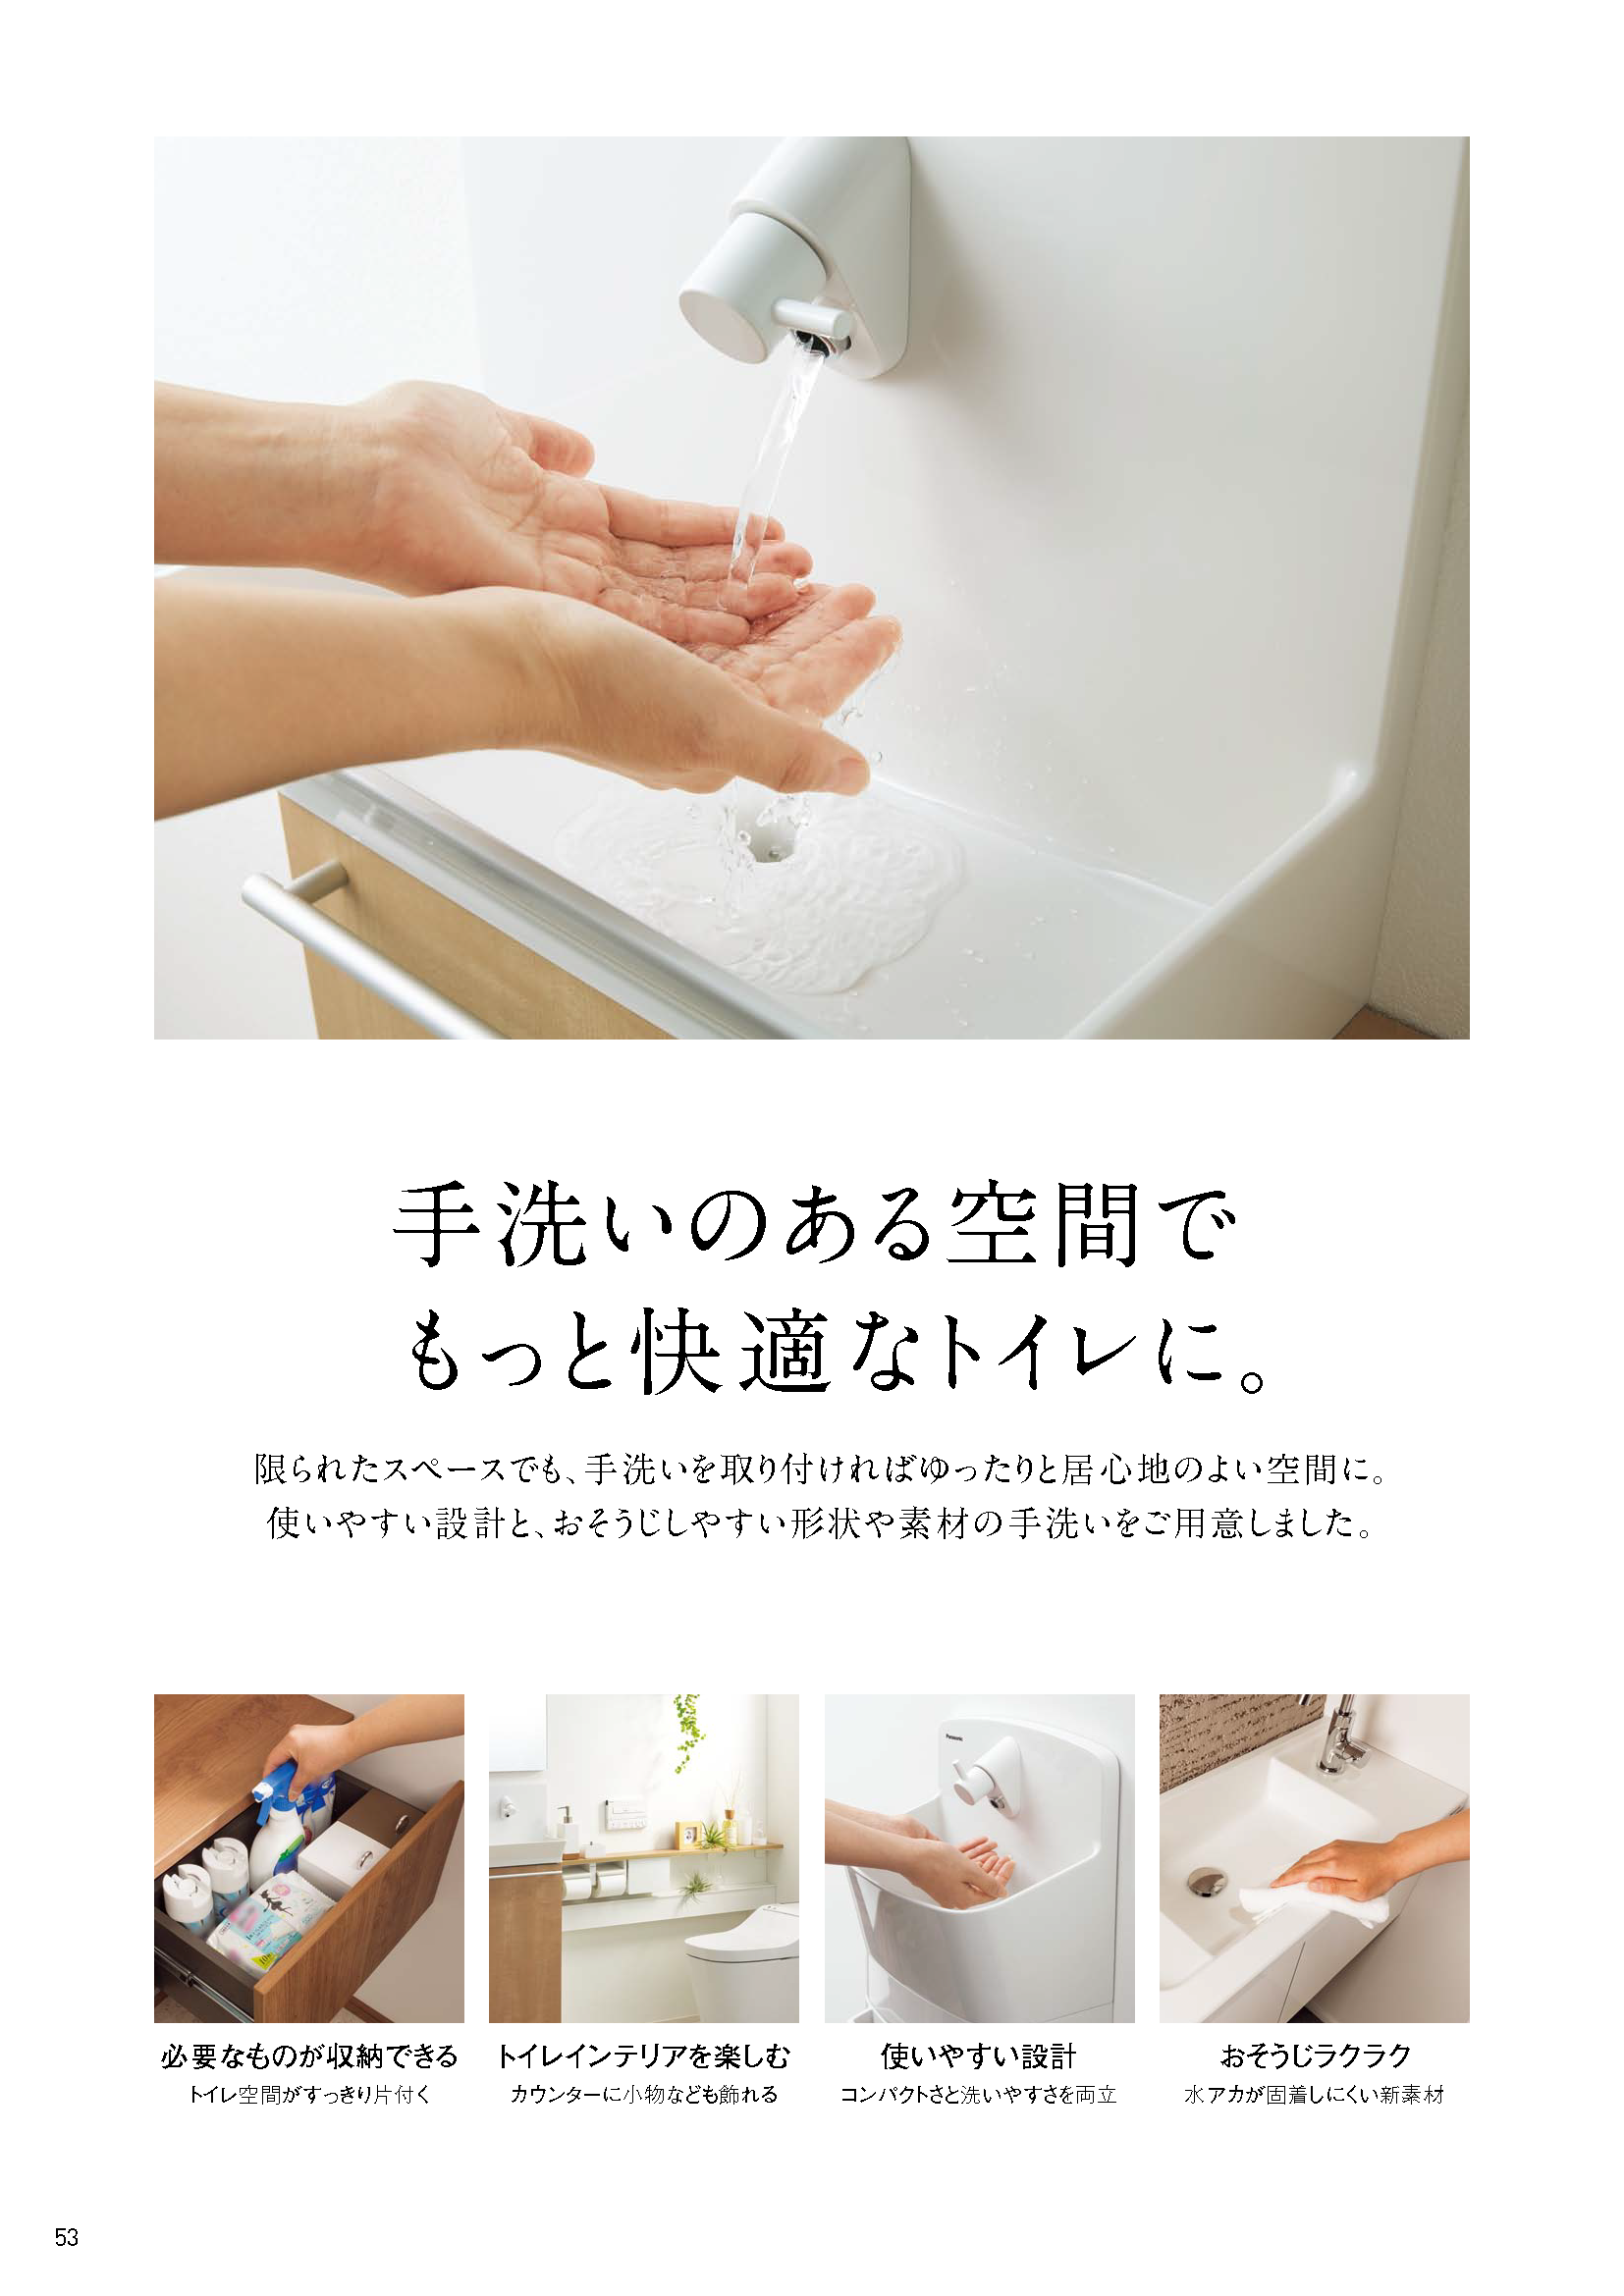 アラウーノシリーズの手洗い器